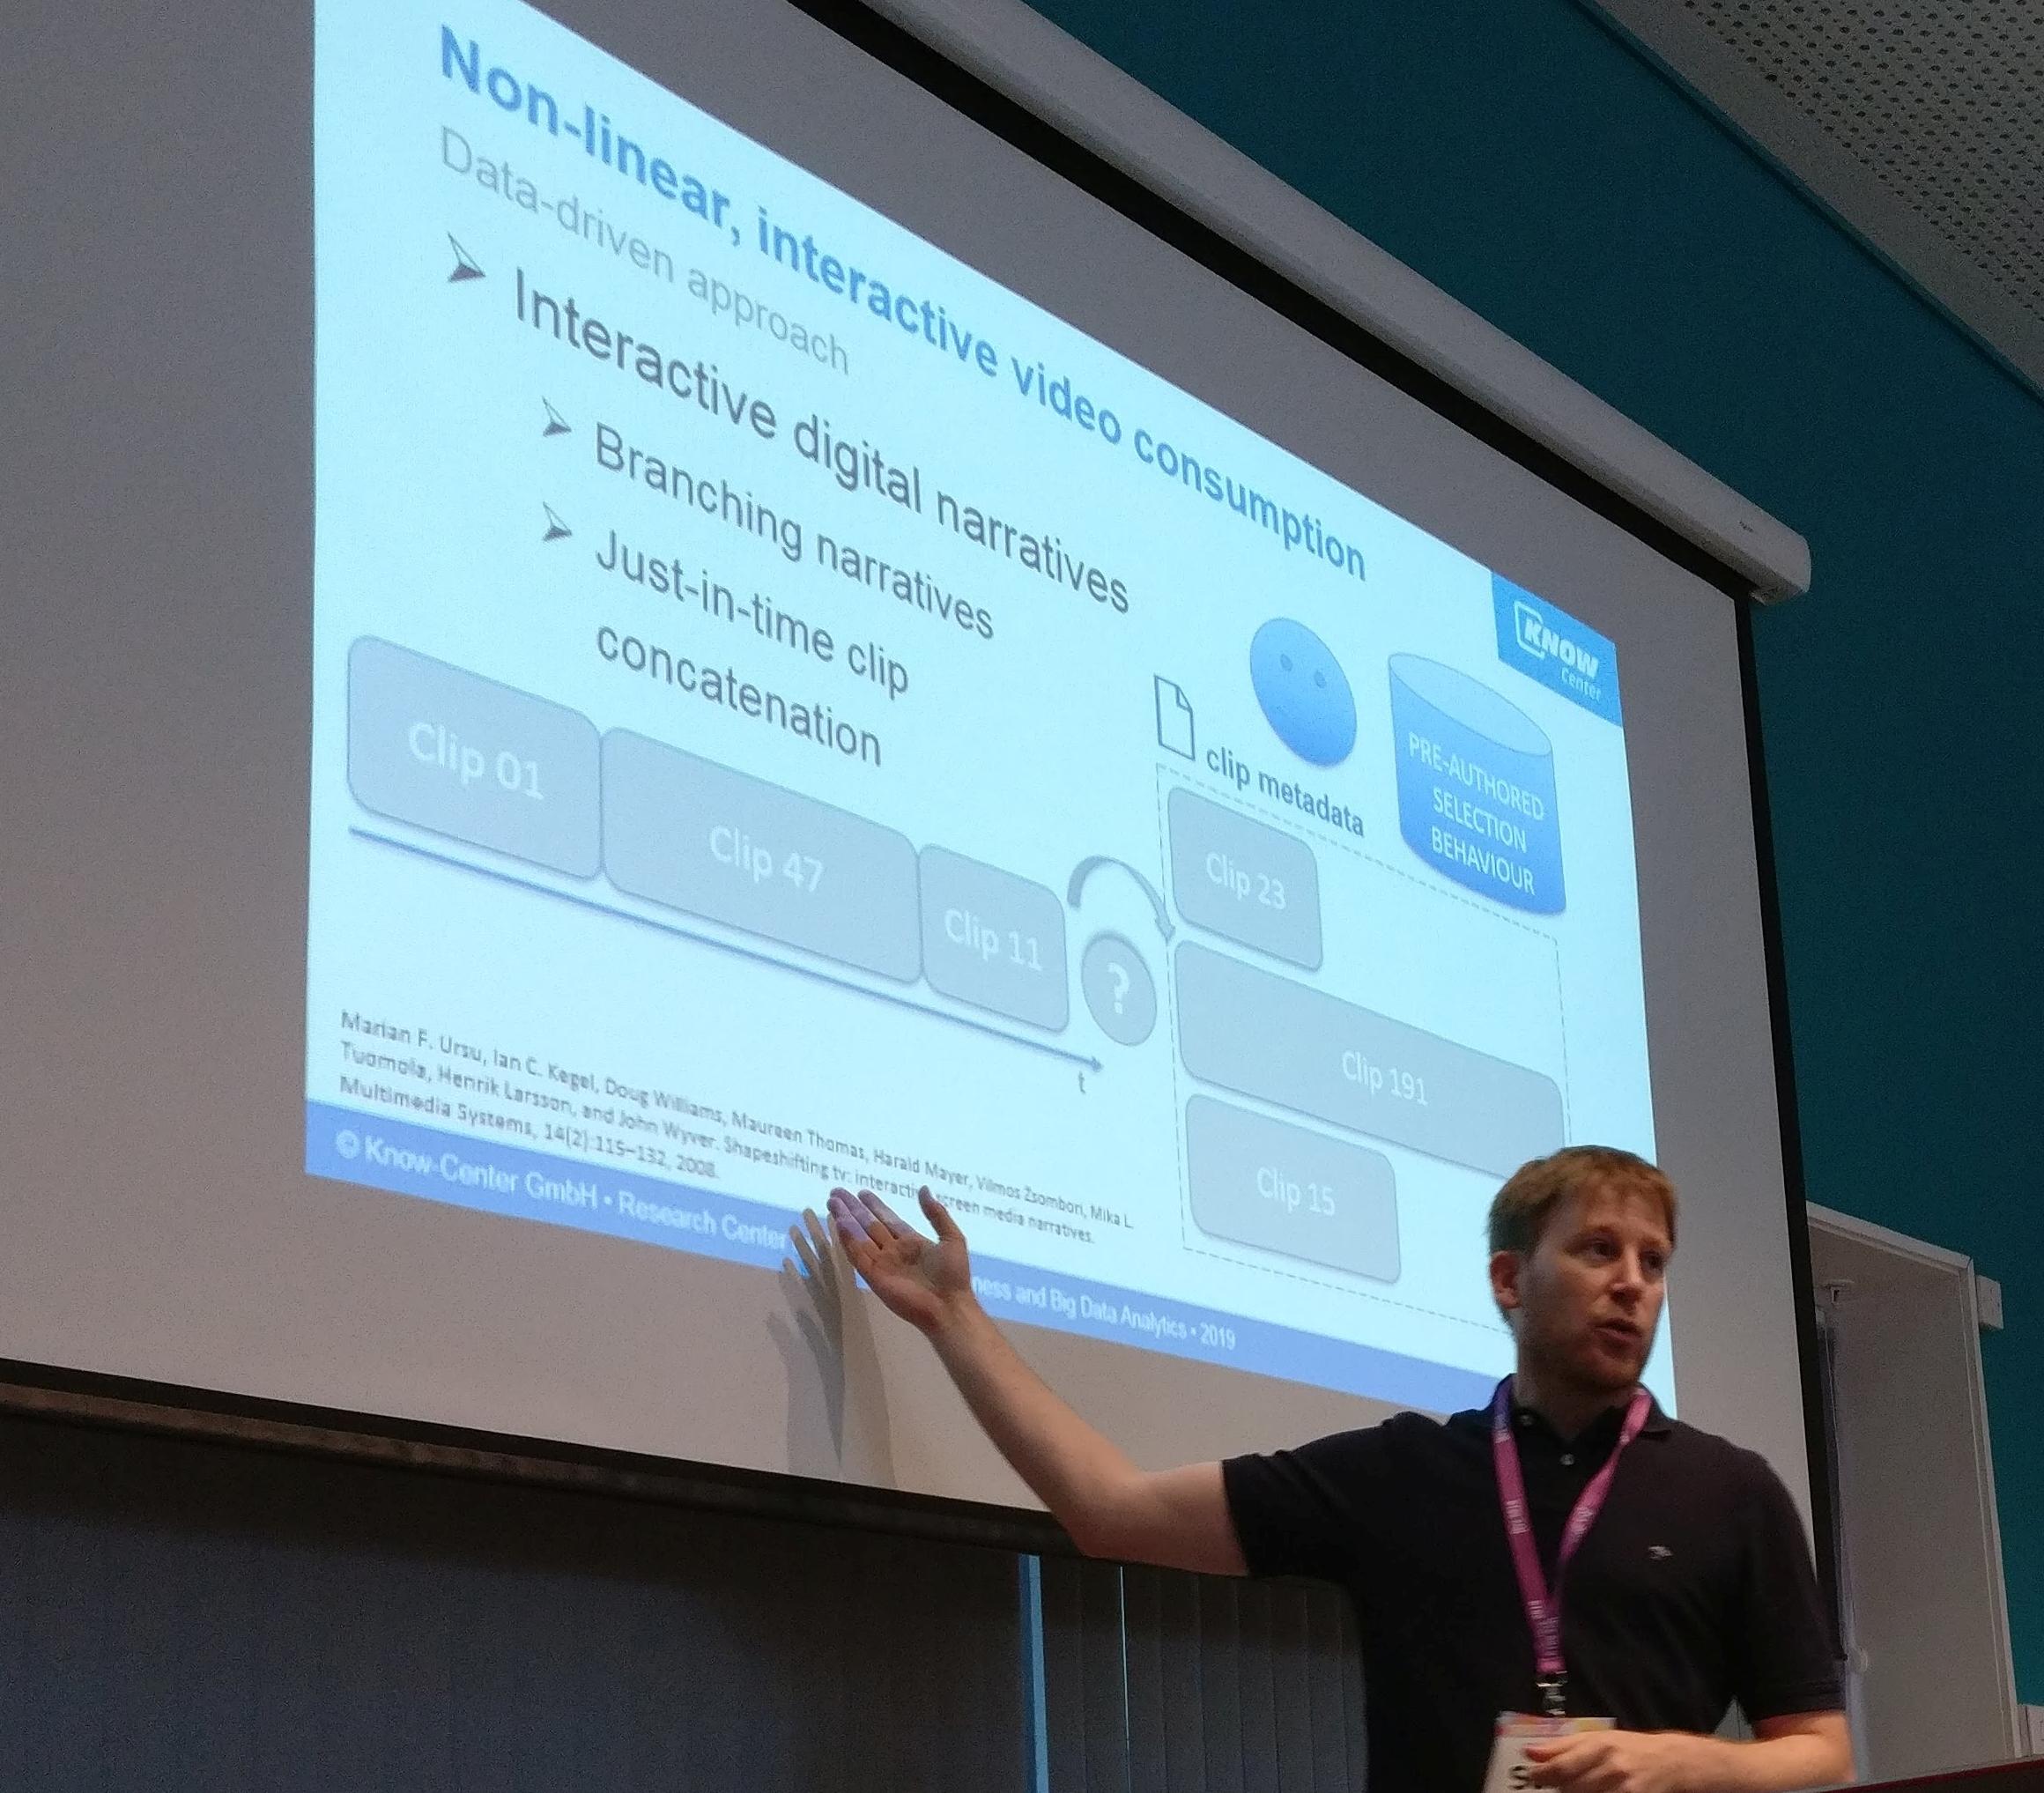 Know-Center auf ACM TVX Konferenz über interaktive Personalisierung von Video-Inhalten